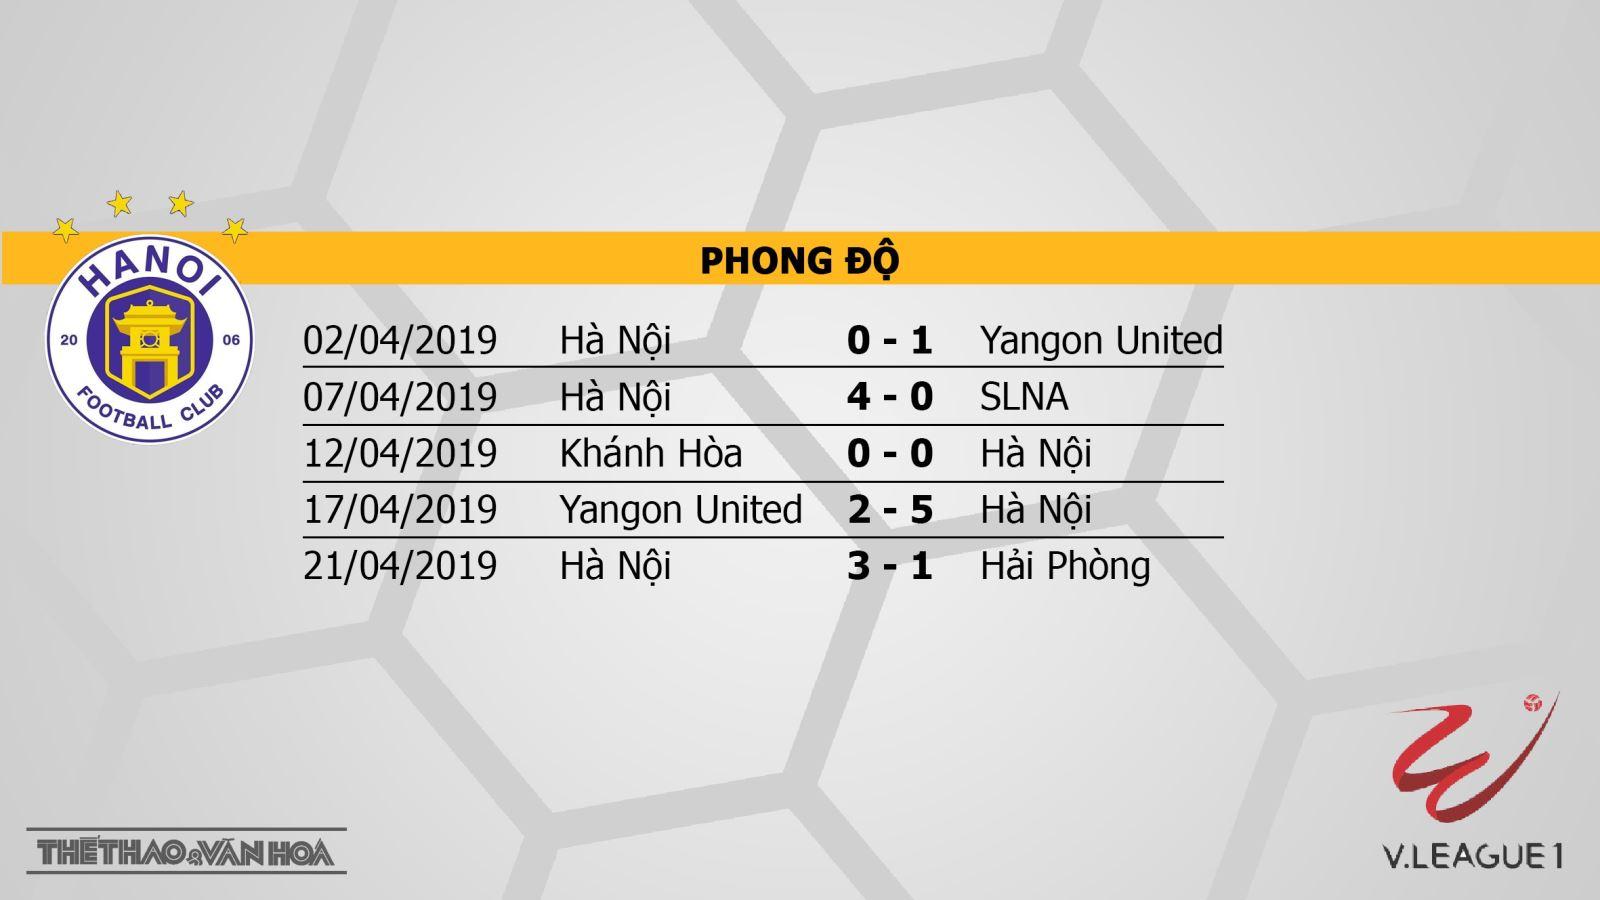 Hà Nội vs TPHCM, Hà Nội FC, TPHCM, truc tiep bong da, trực tiếp bóng đá, truc tiep Hà Nội, truc tiep Ha Noi vs TPHCM, v league 2019, truc tiep v league, VTV6, BDTV, FPT